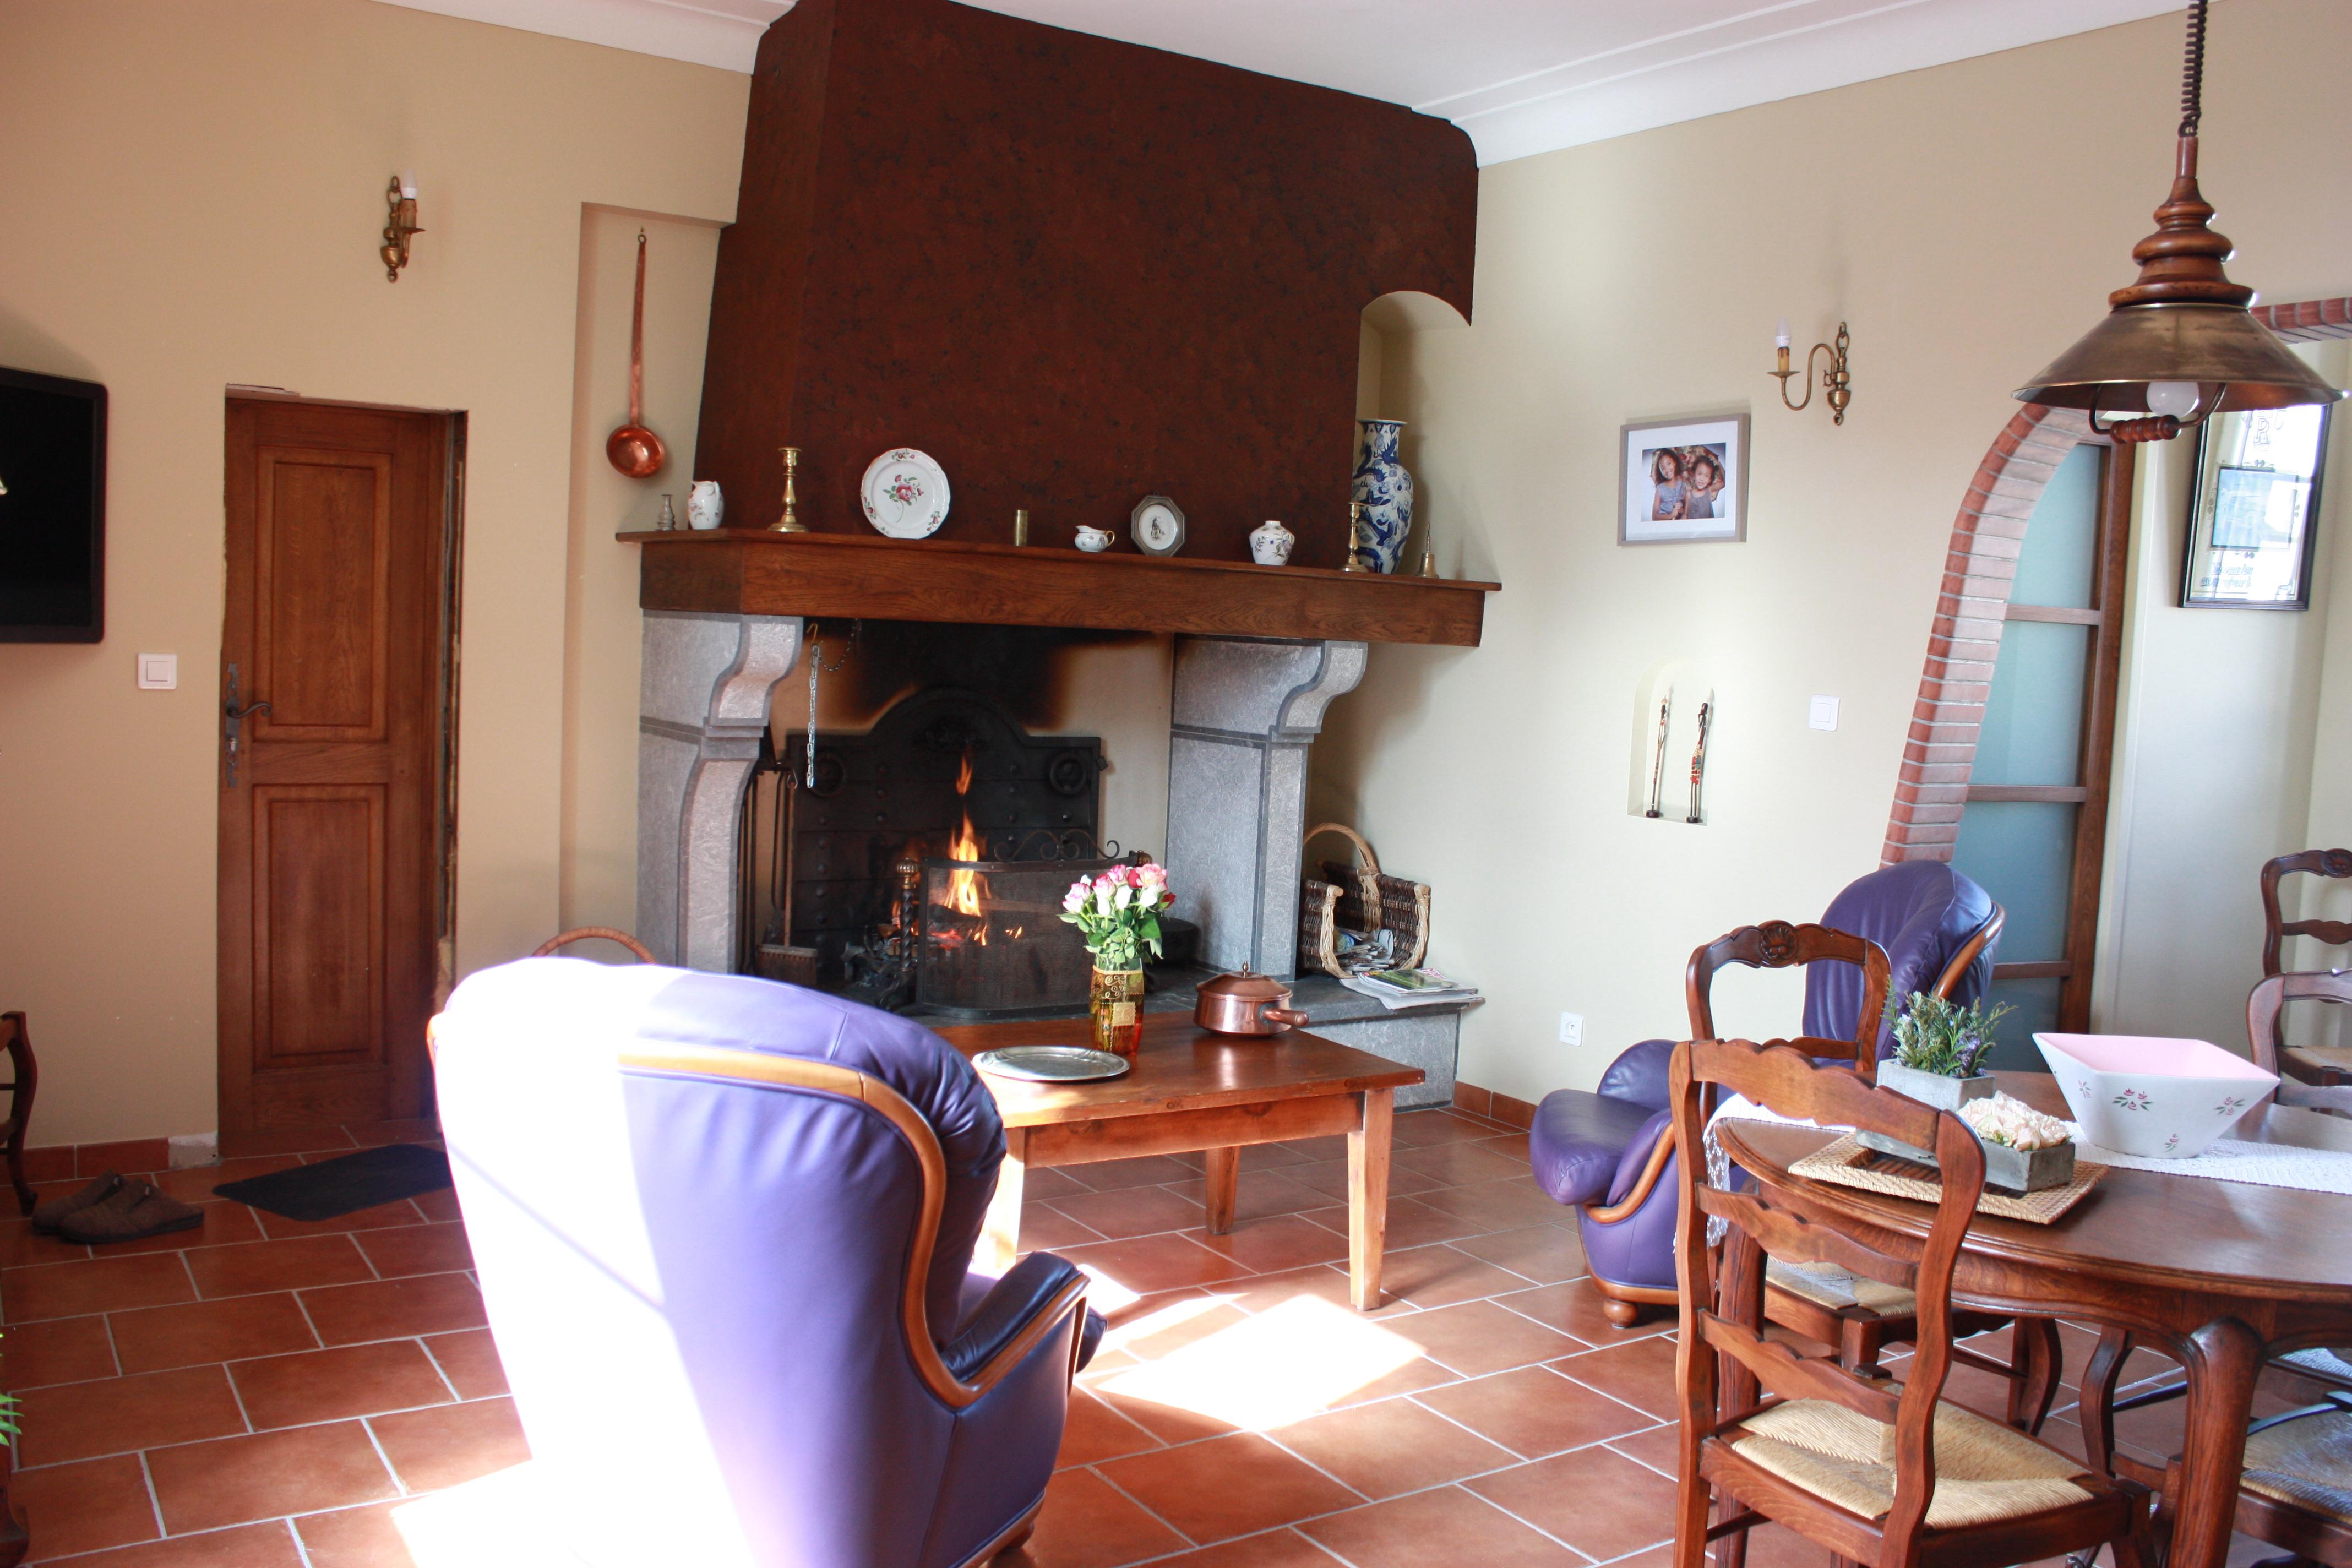 Interieur maison de campagne le clos du carme une maison for Interieur de maison de campagne